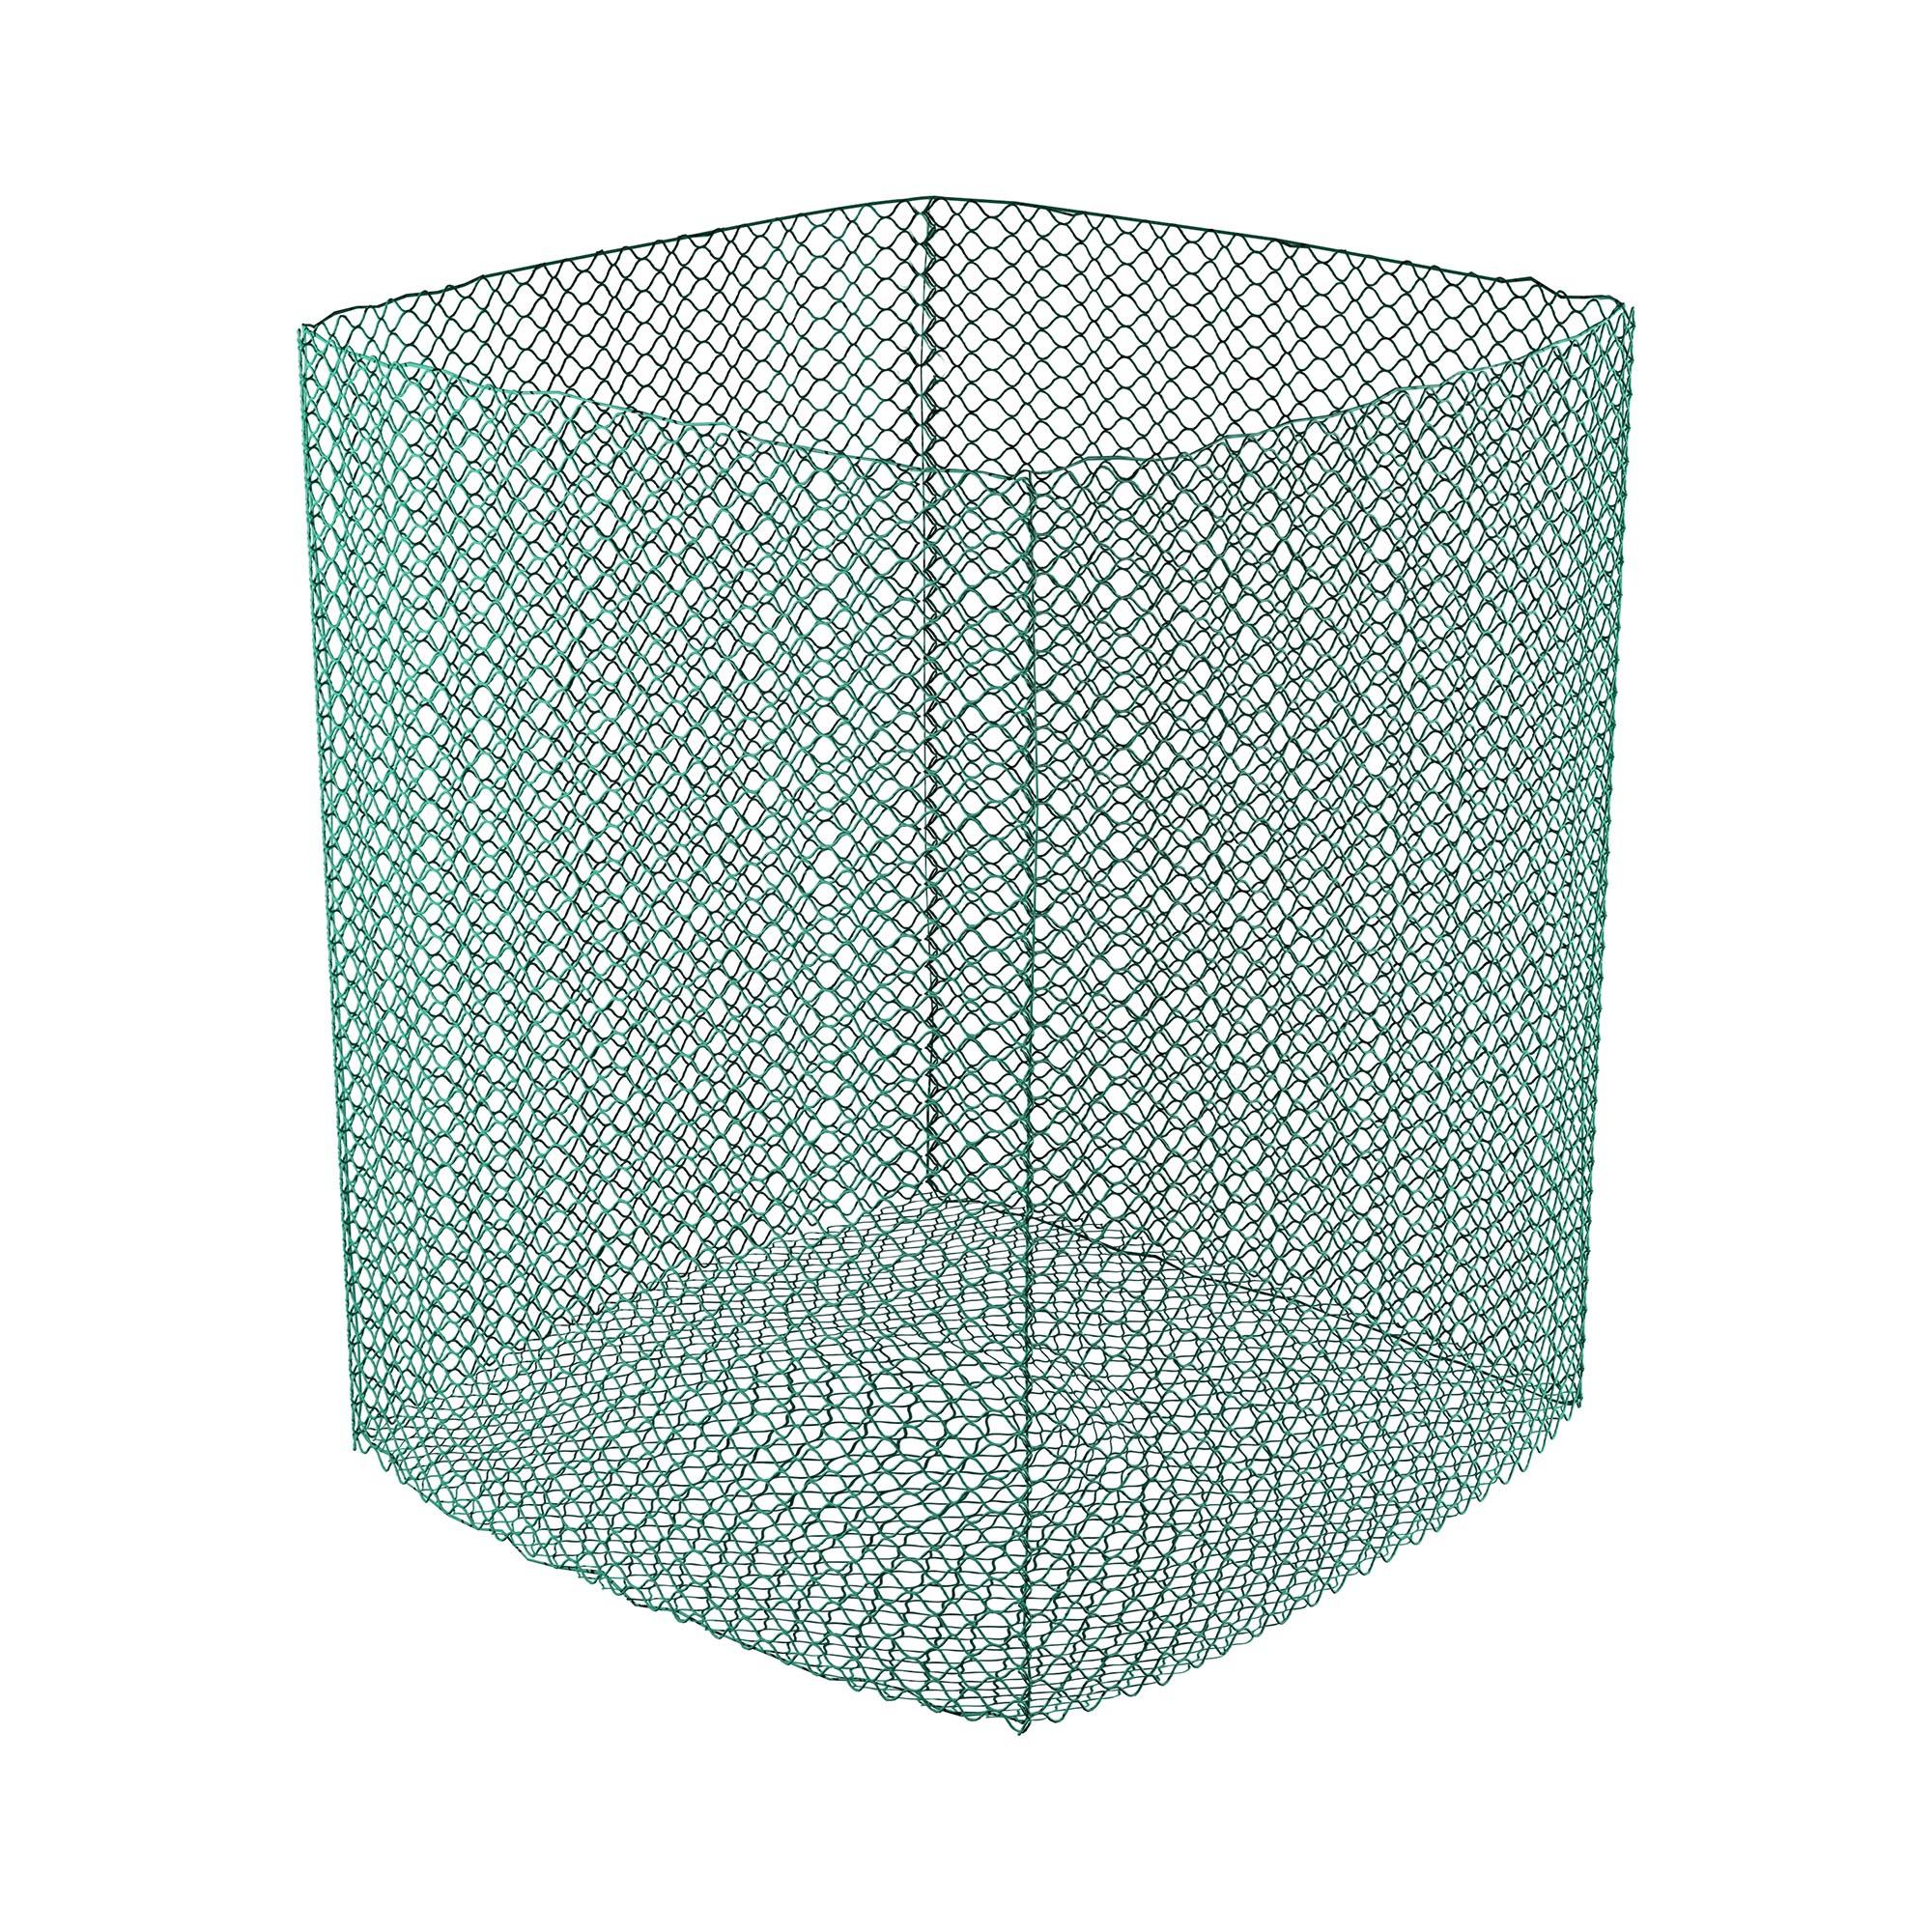 Wiesenfield Høynett - 1.4 x 1.4 x 1.6 m - finmasket 10280010